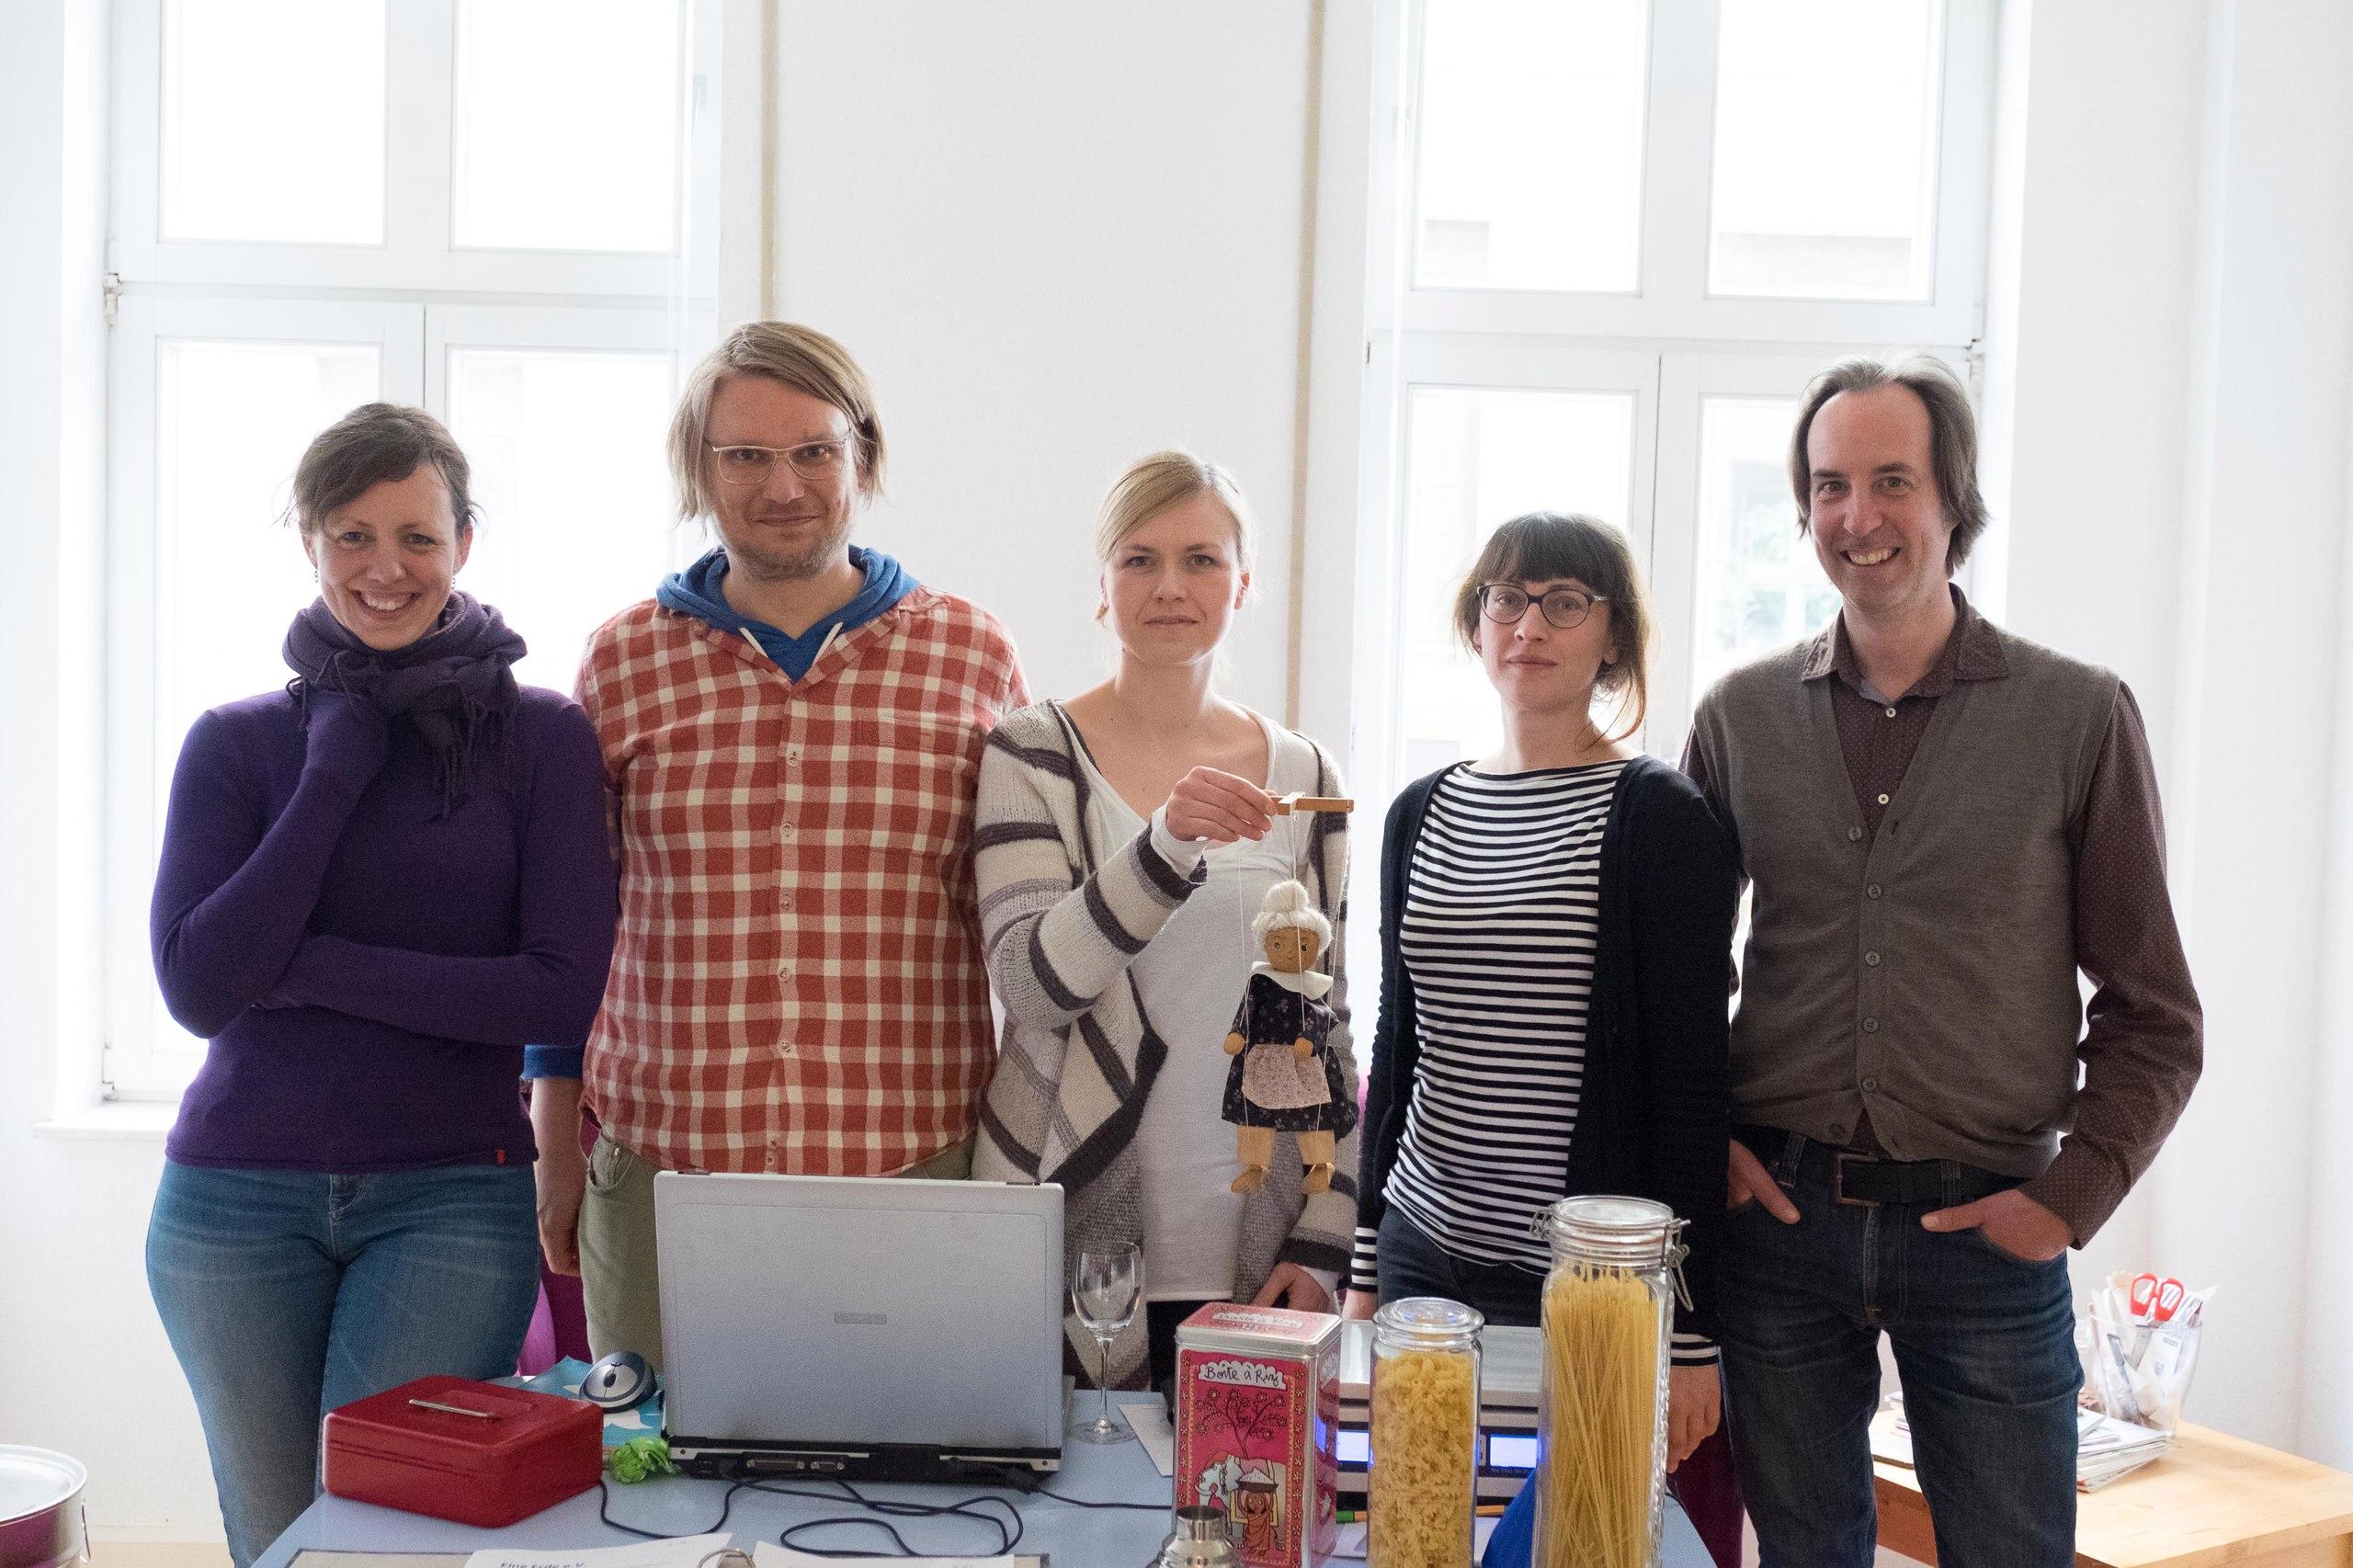 Команда проекта «Tante Lemi» (продуктовый магазин). Фото Кристиана Вебера.